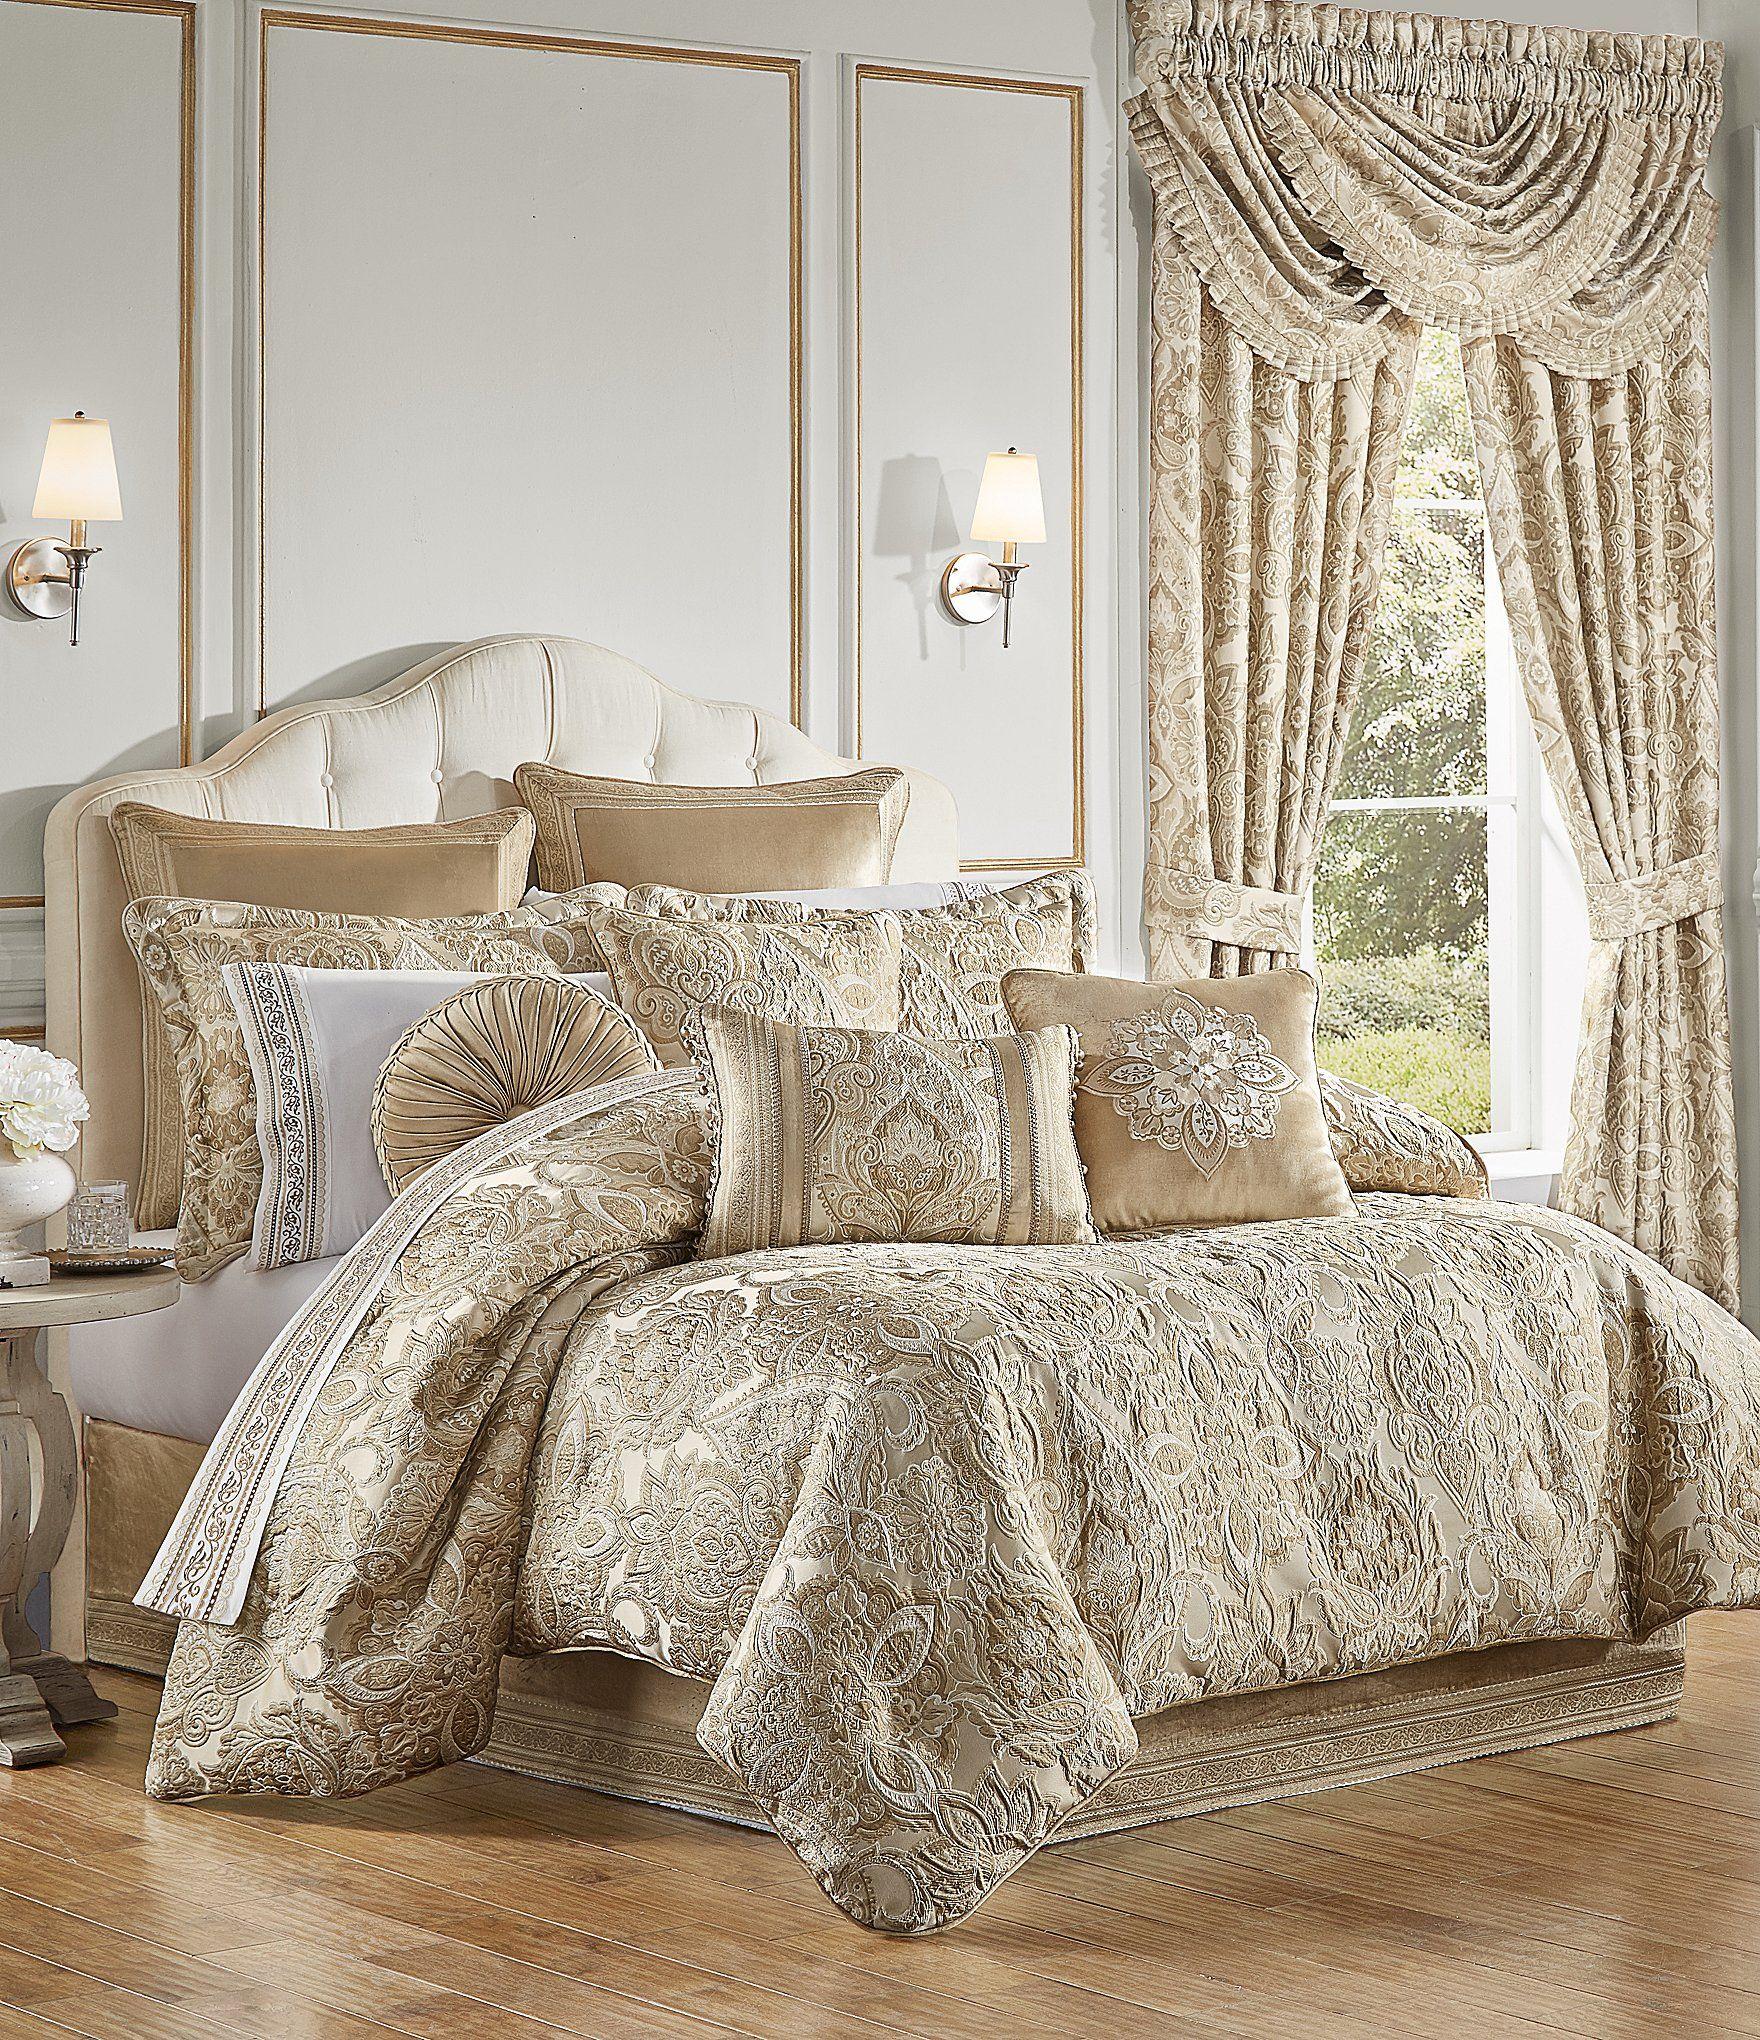 J. Queen New York Sandstone Comforter Set Queen